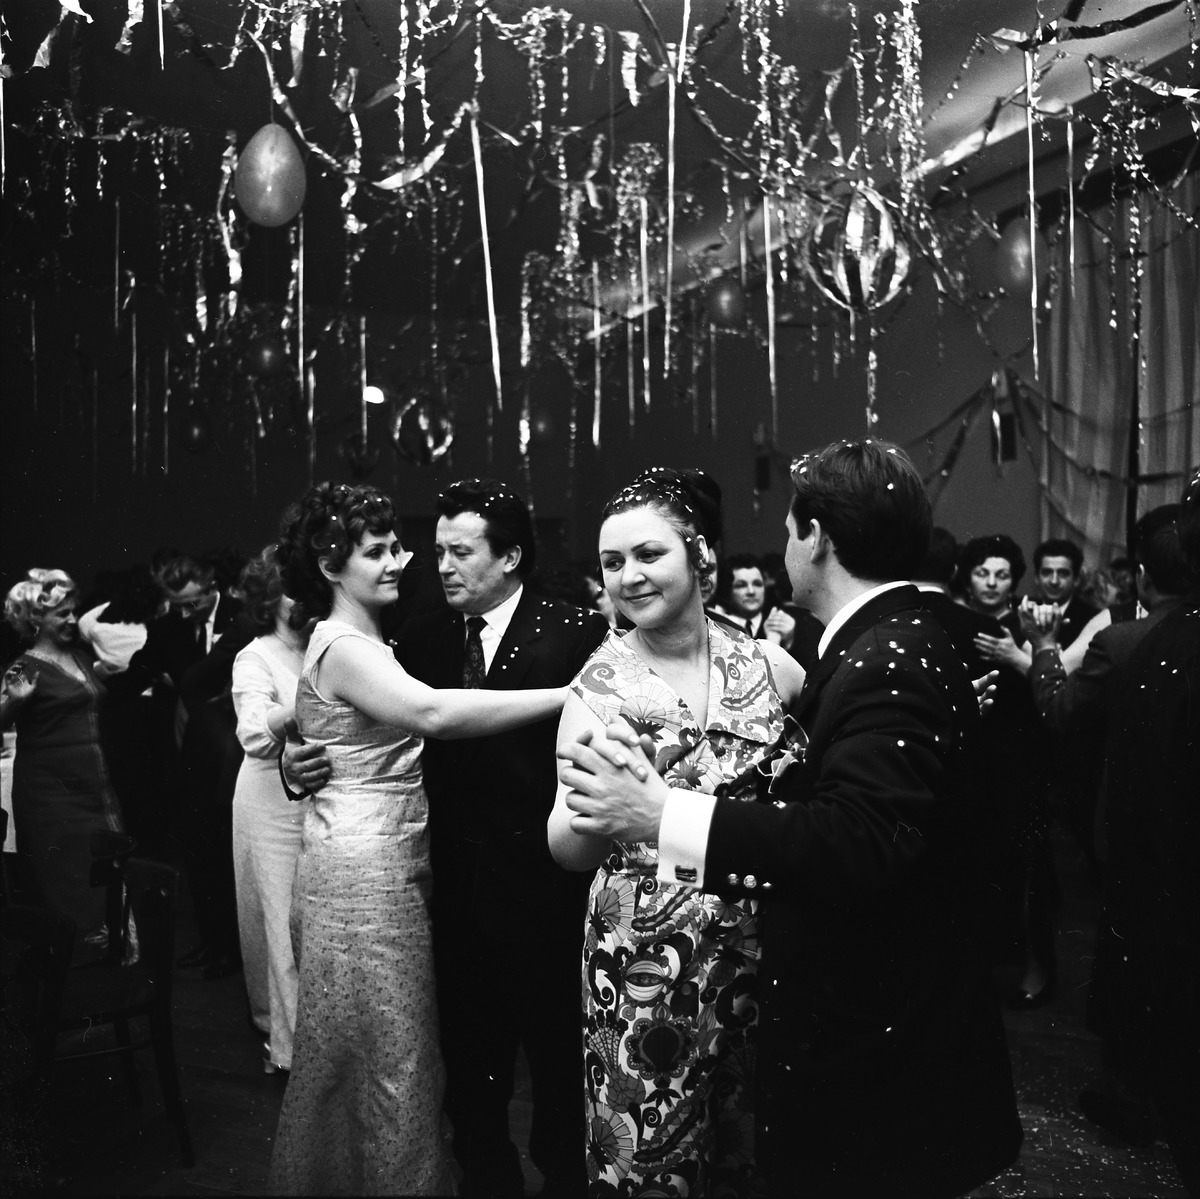 Bal Filmowców, 1972 r.